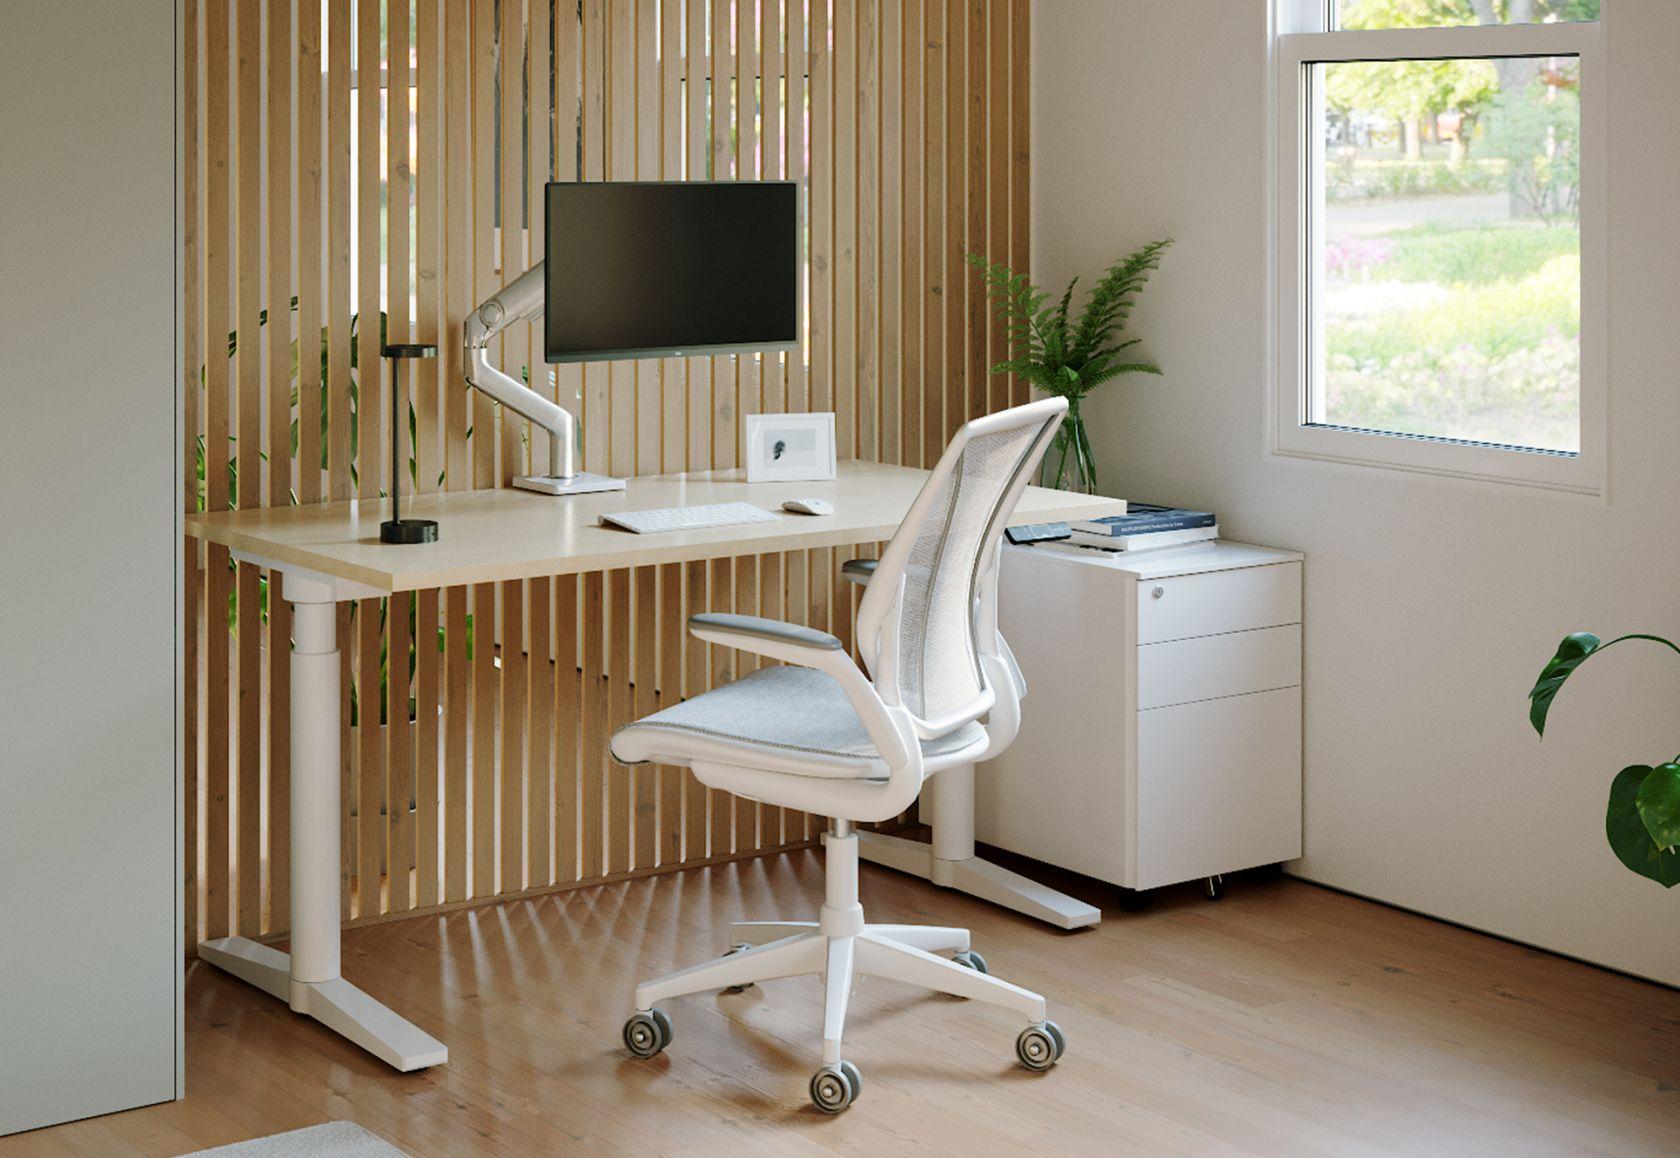 diffrient-worrld-chair.jpg